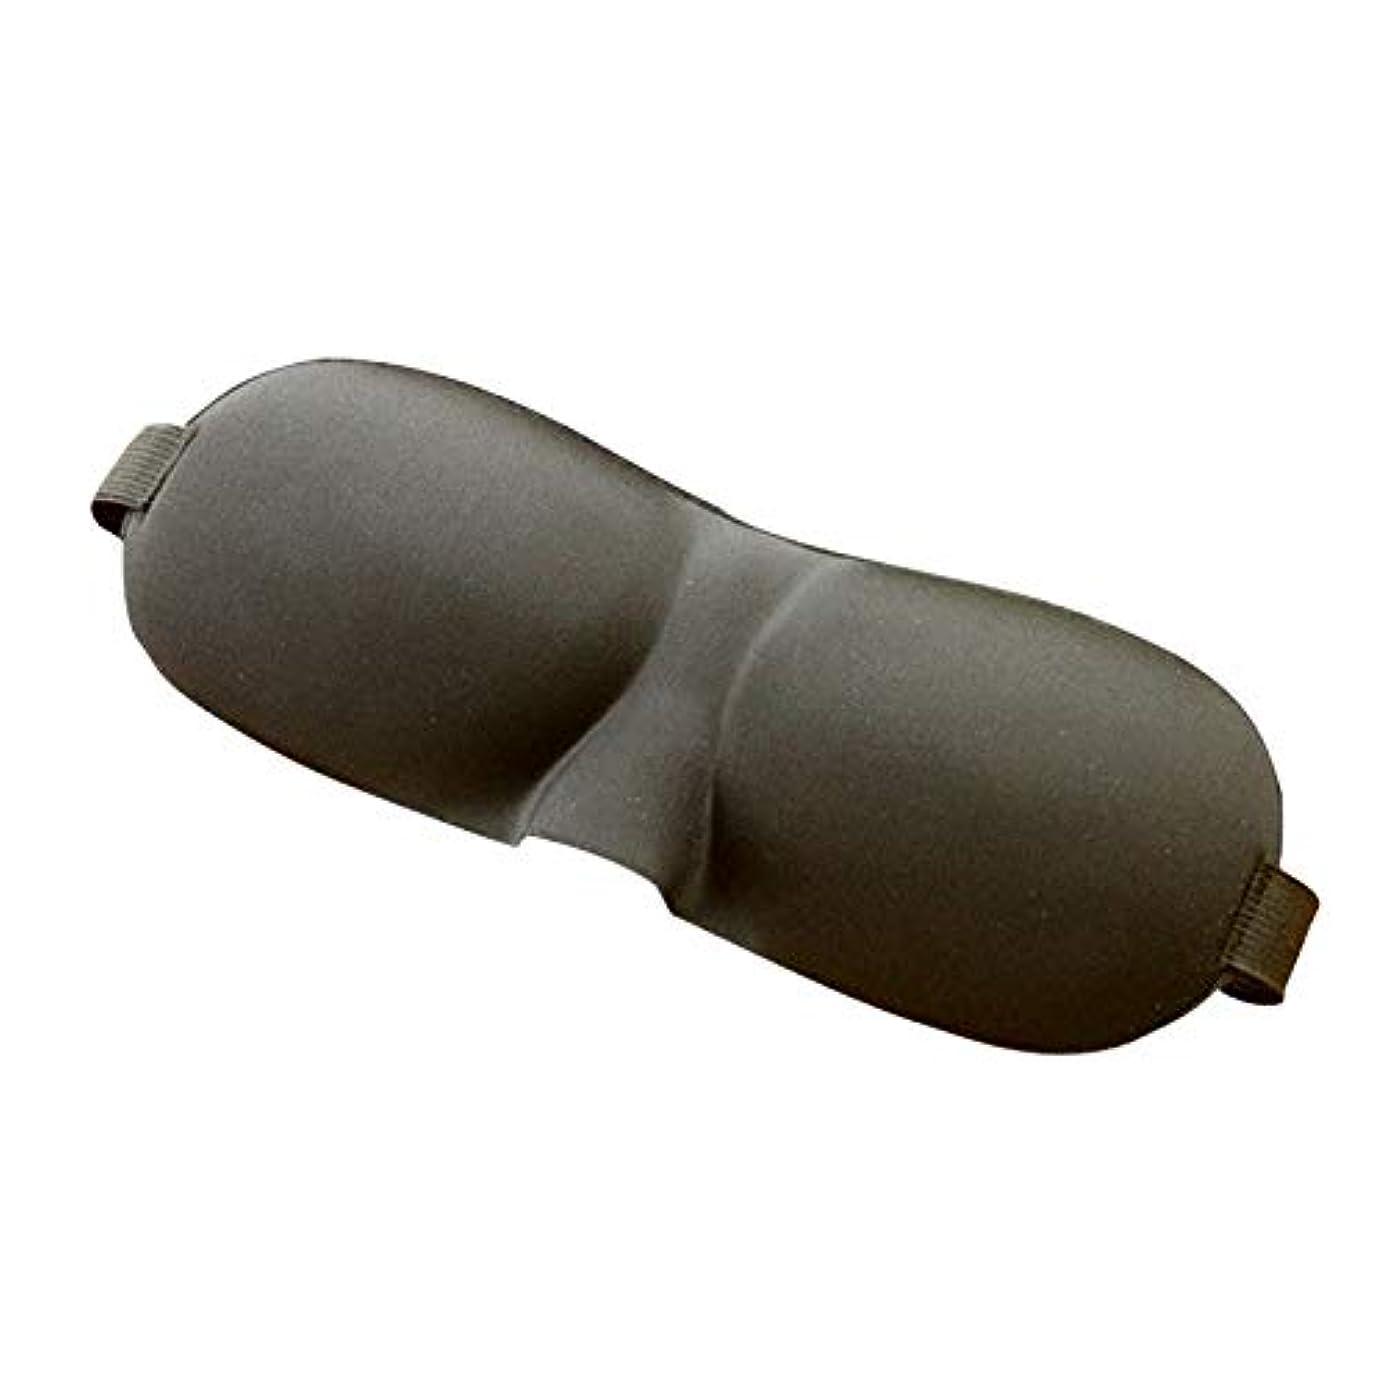 最も噛むバンクNOTE 3dアイマスクシェードカバー残り睡眠アイパッチ目隠しシールド旅行睡眠補助アイシャドウ用女性アイケアツールH7JP